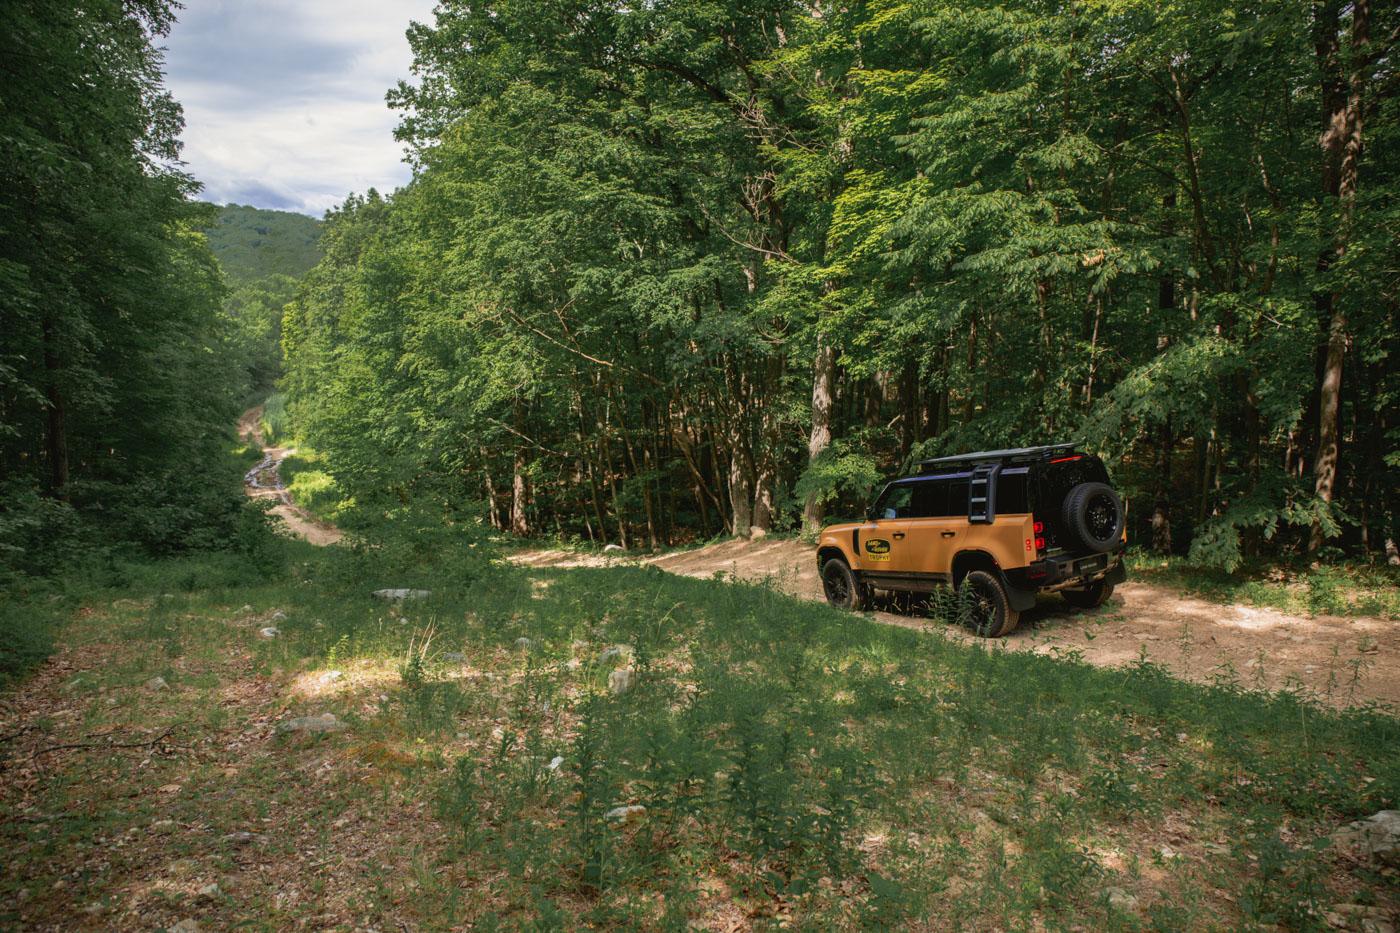 Land-Rover-Defender-L663-Trophy-Edition-9.jpg